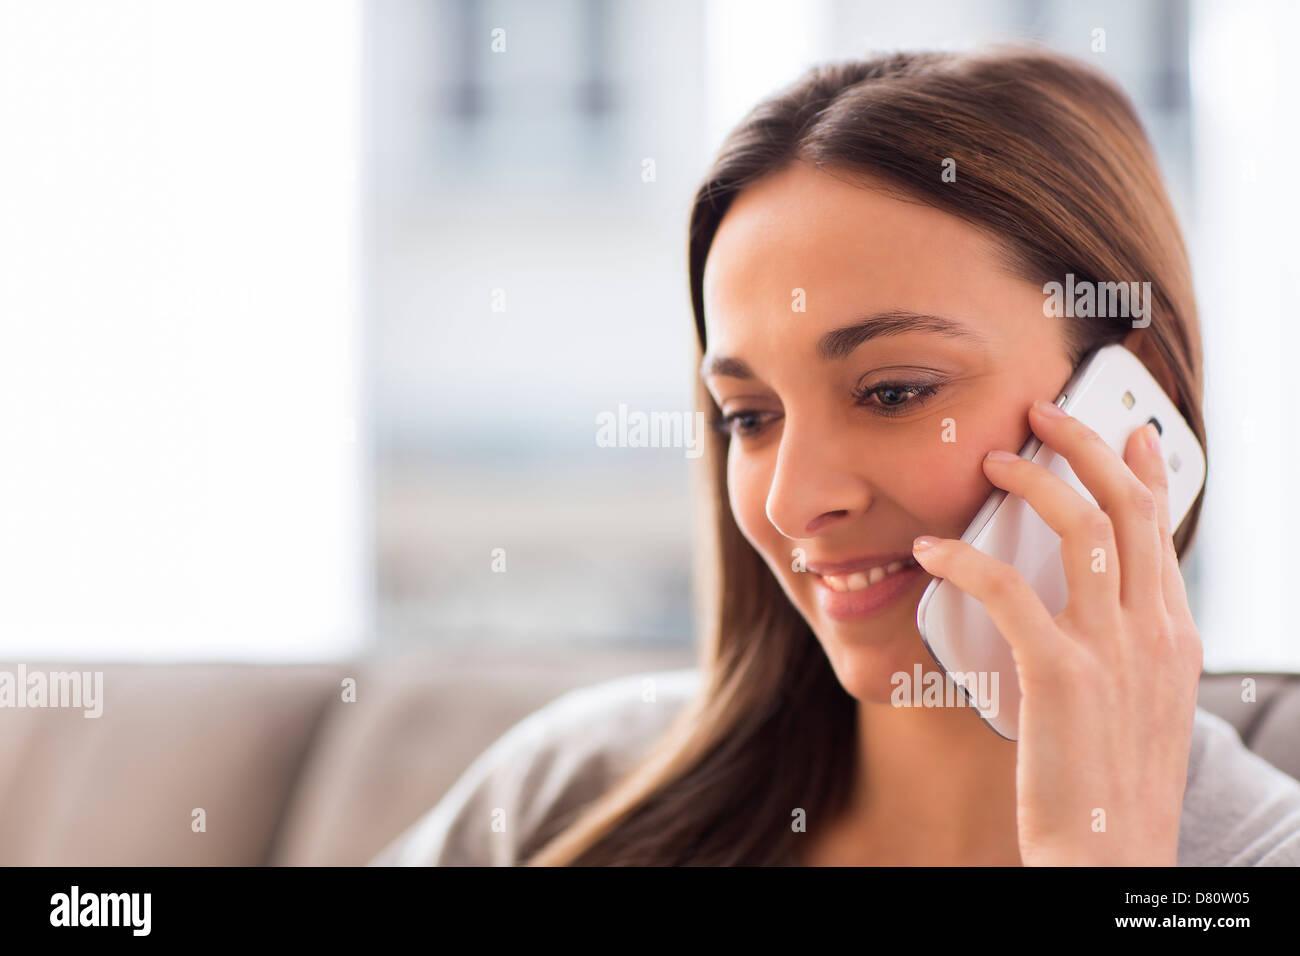 Bastante joven con el blanco de teléfono móvil en el hogar Imagen De Stock